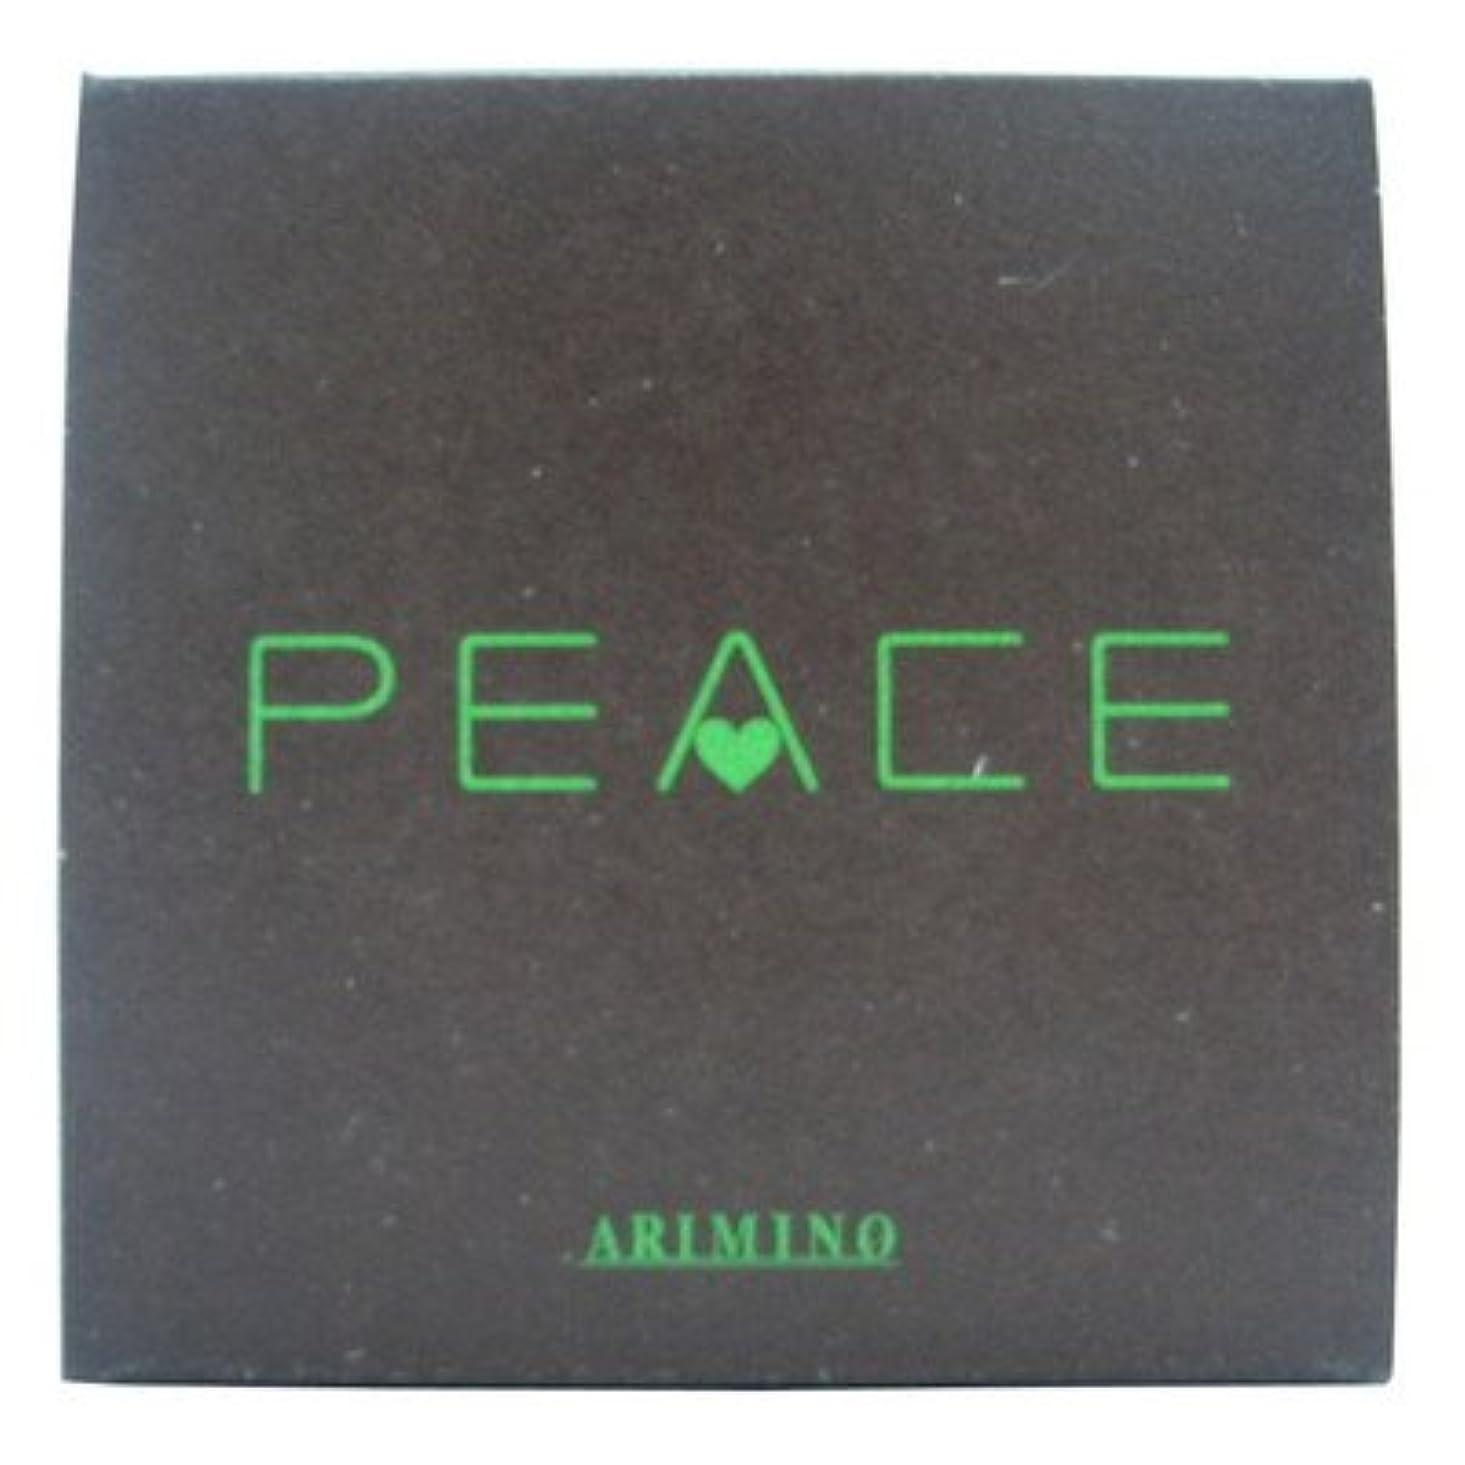 きれいにタイト発表アリミノ ピース プロデザインシリーズ ハードワックス チョコ 40g【2個セット】